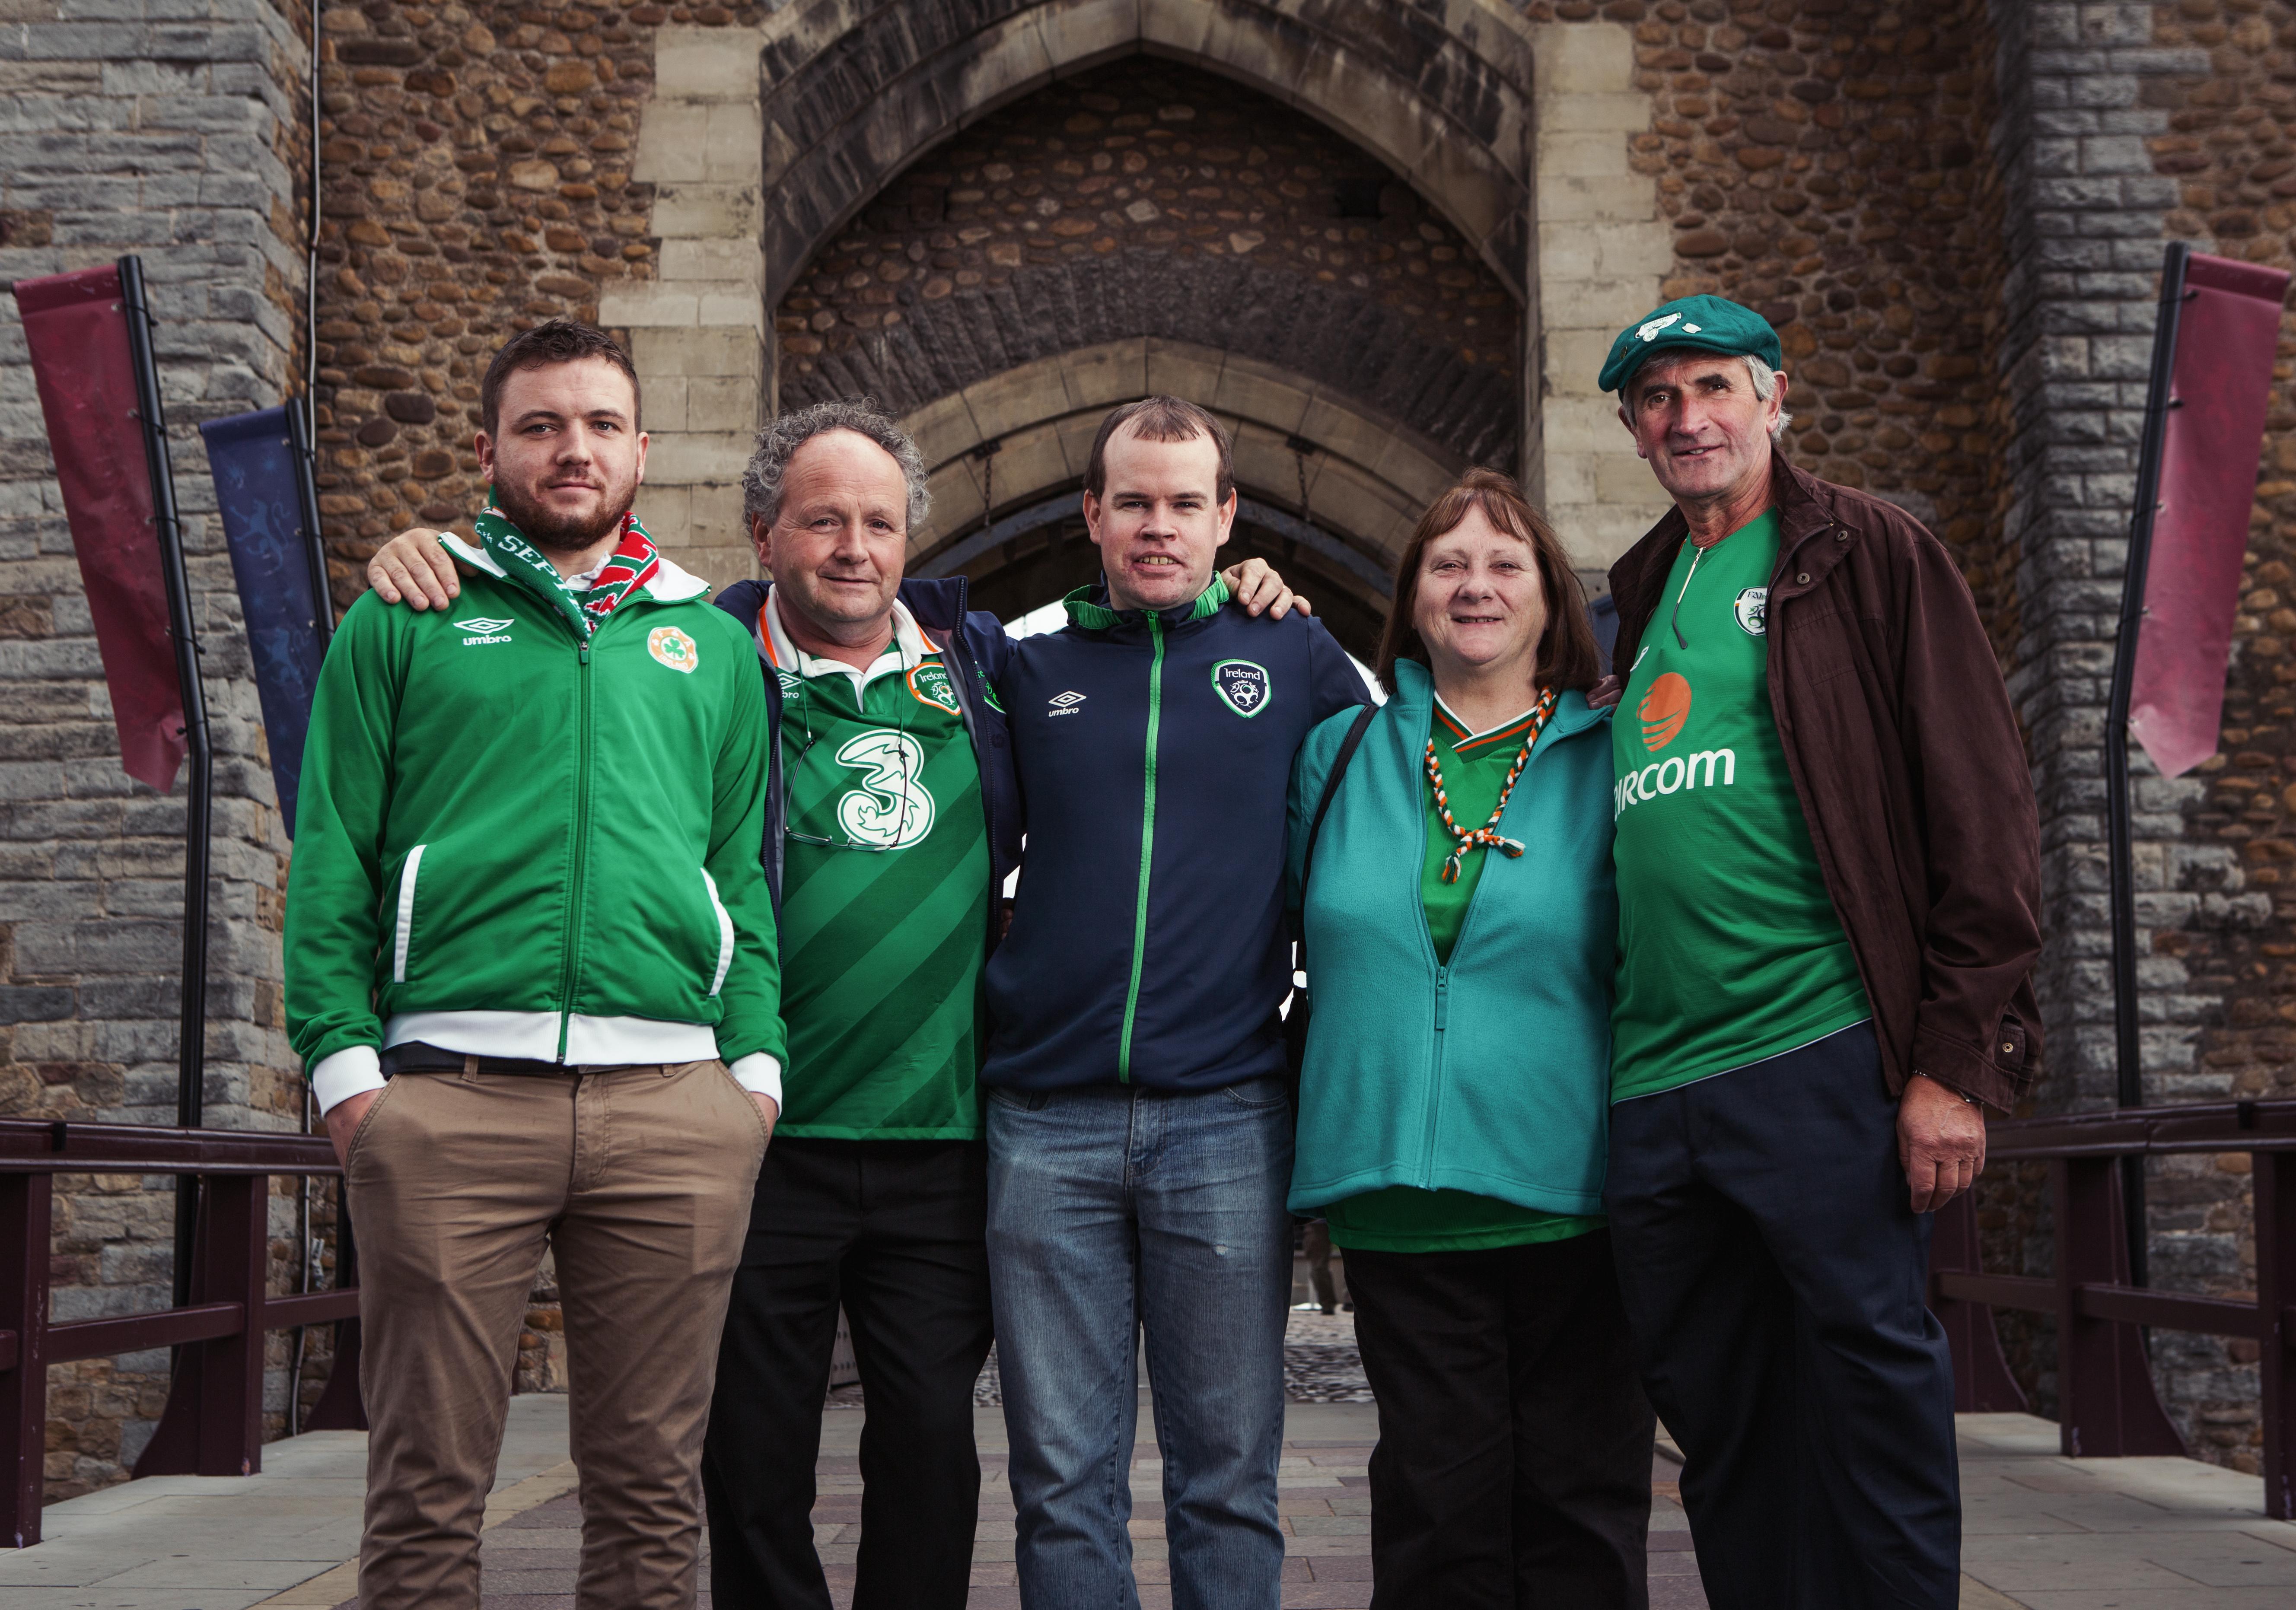 Green Army - Cardiff 2018